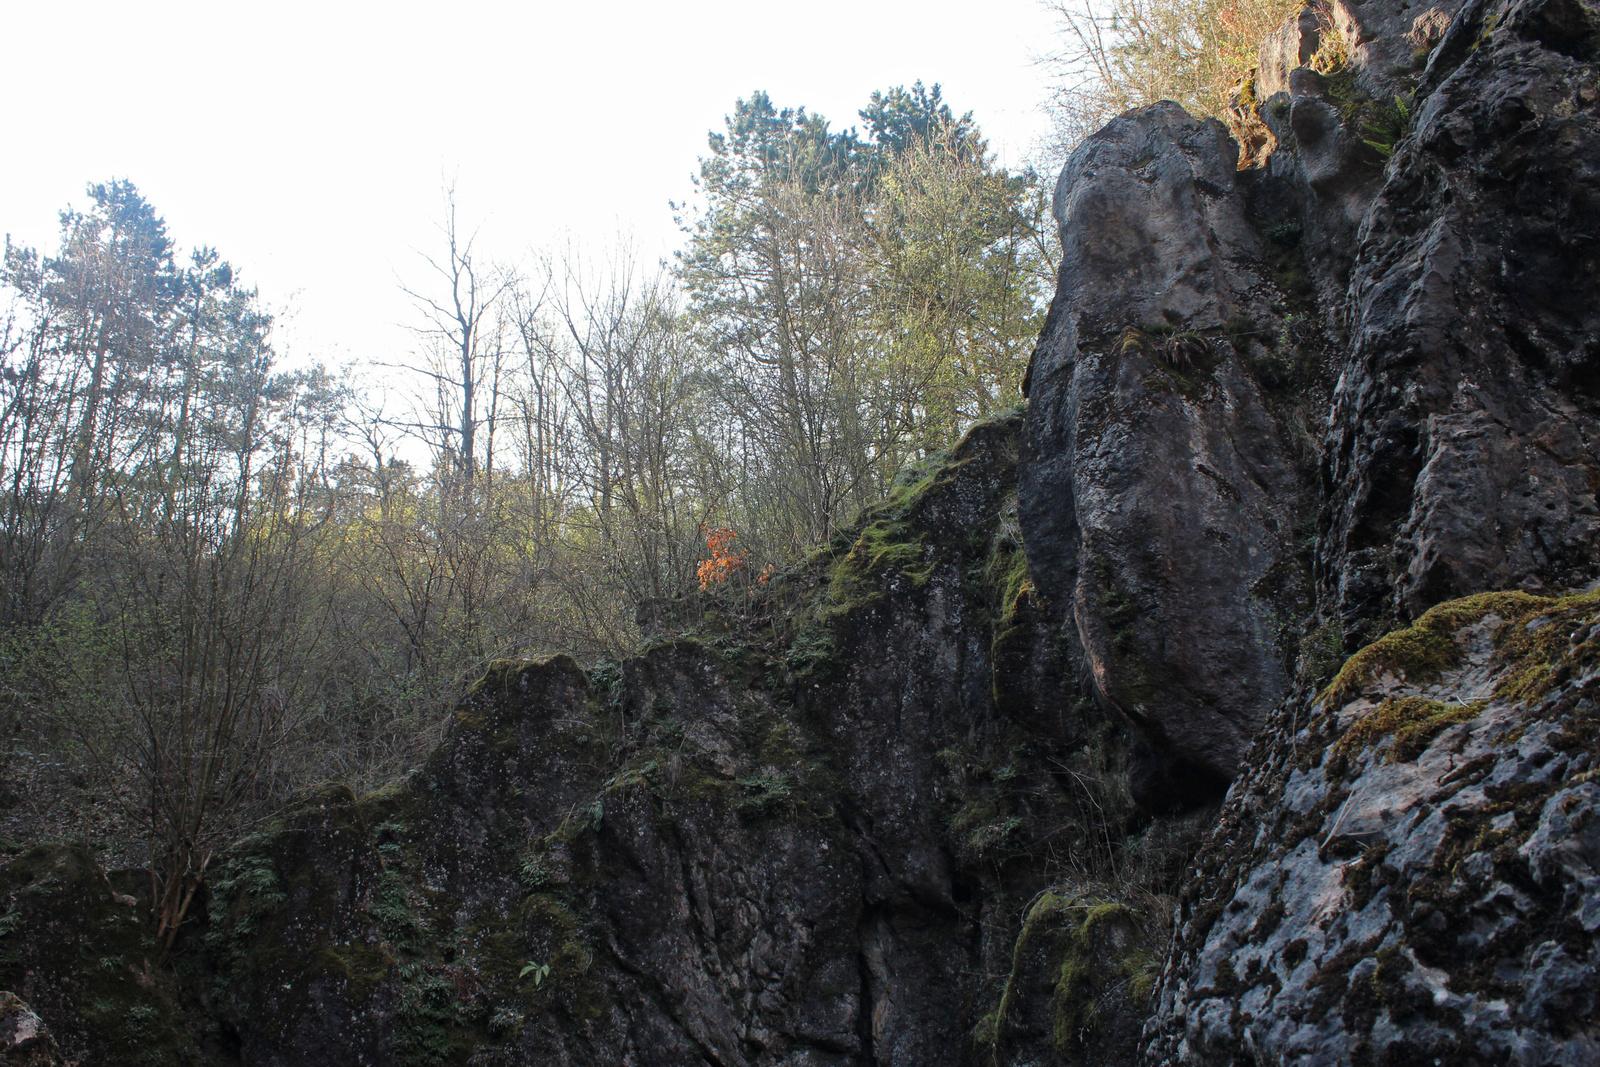 20170402-16-Urkut-CsardahegyiOskarszt